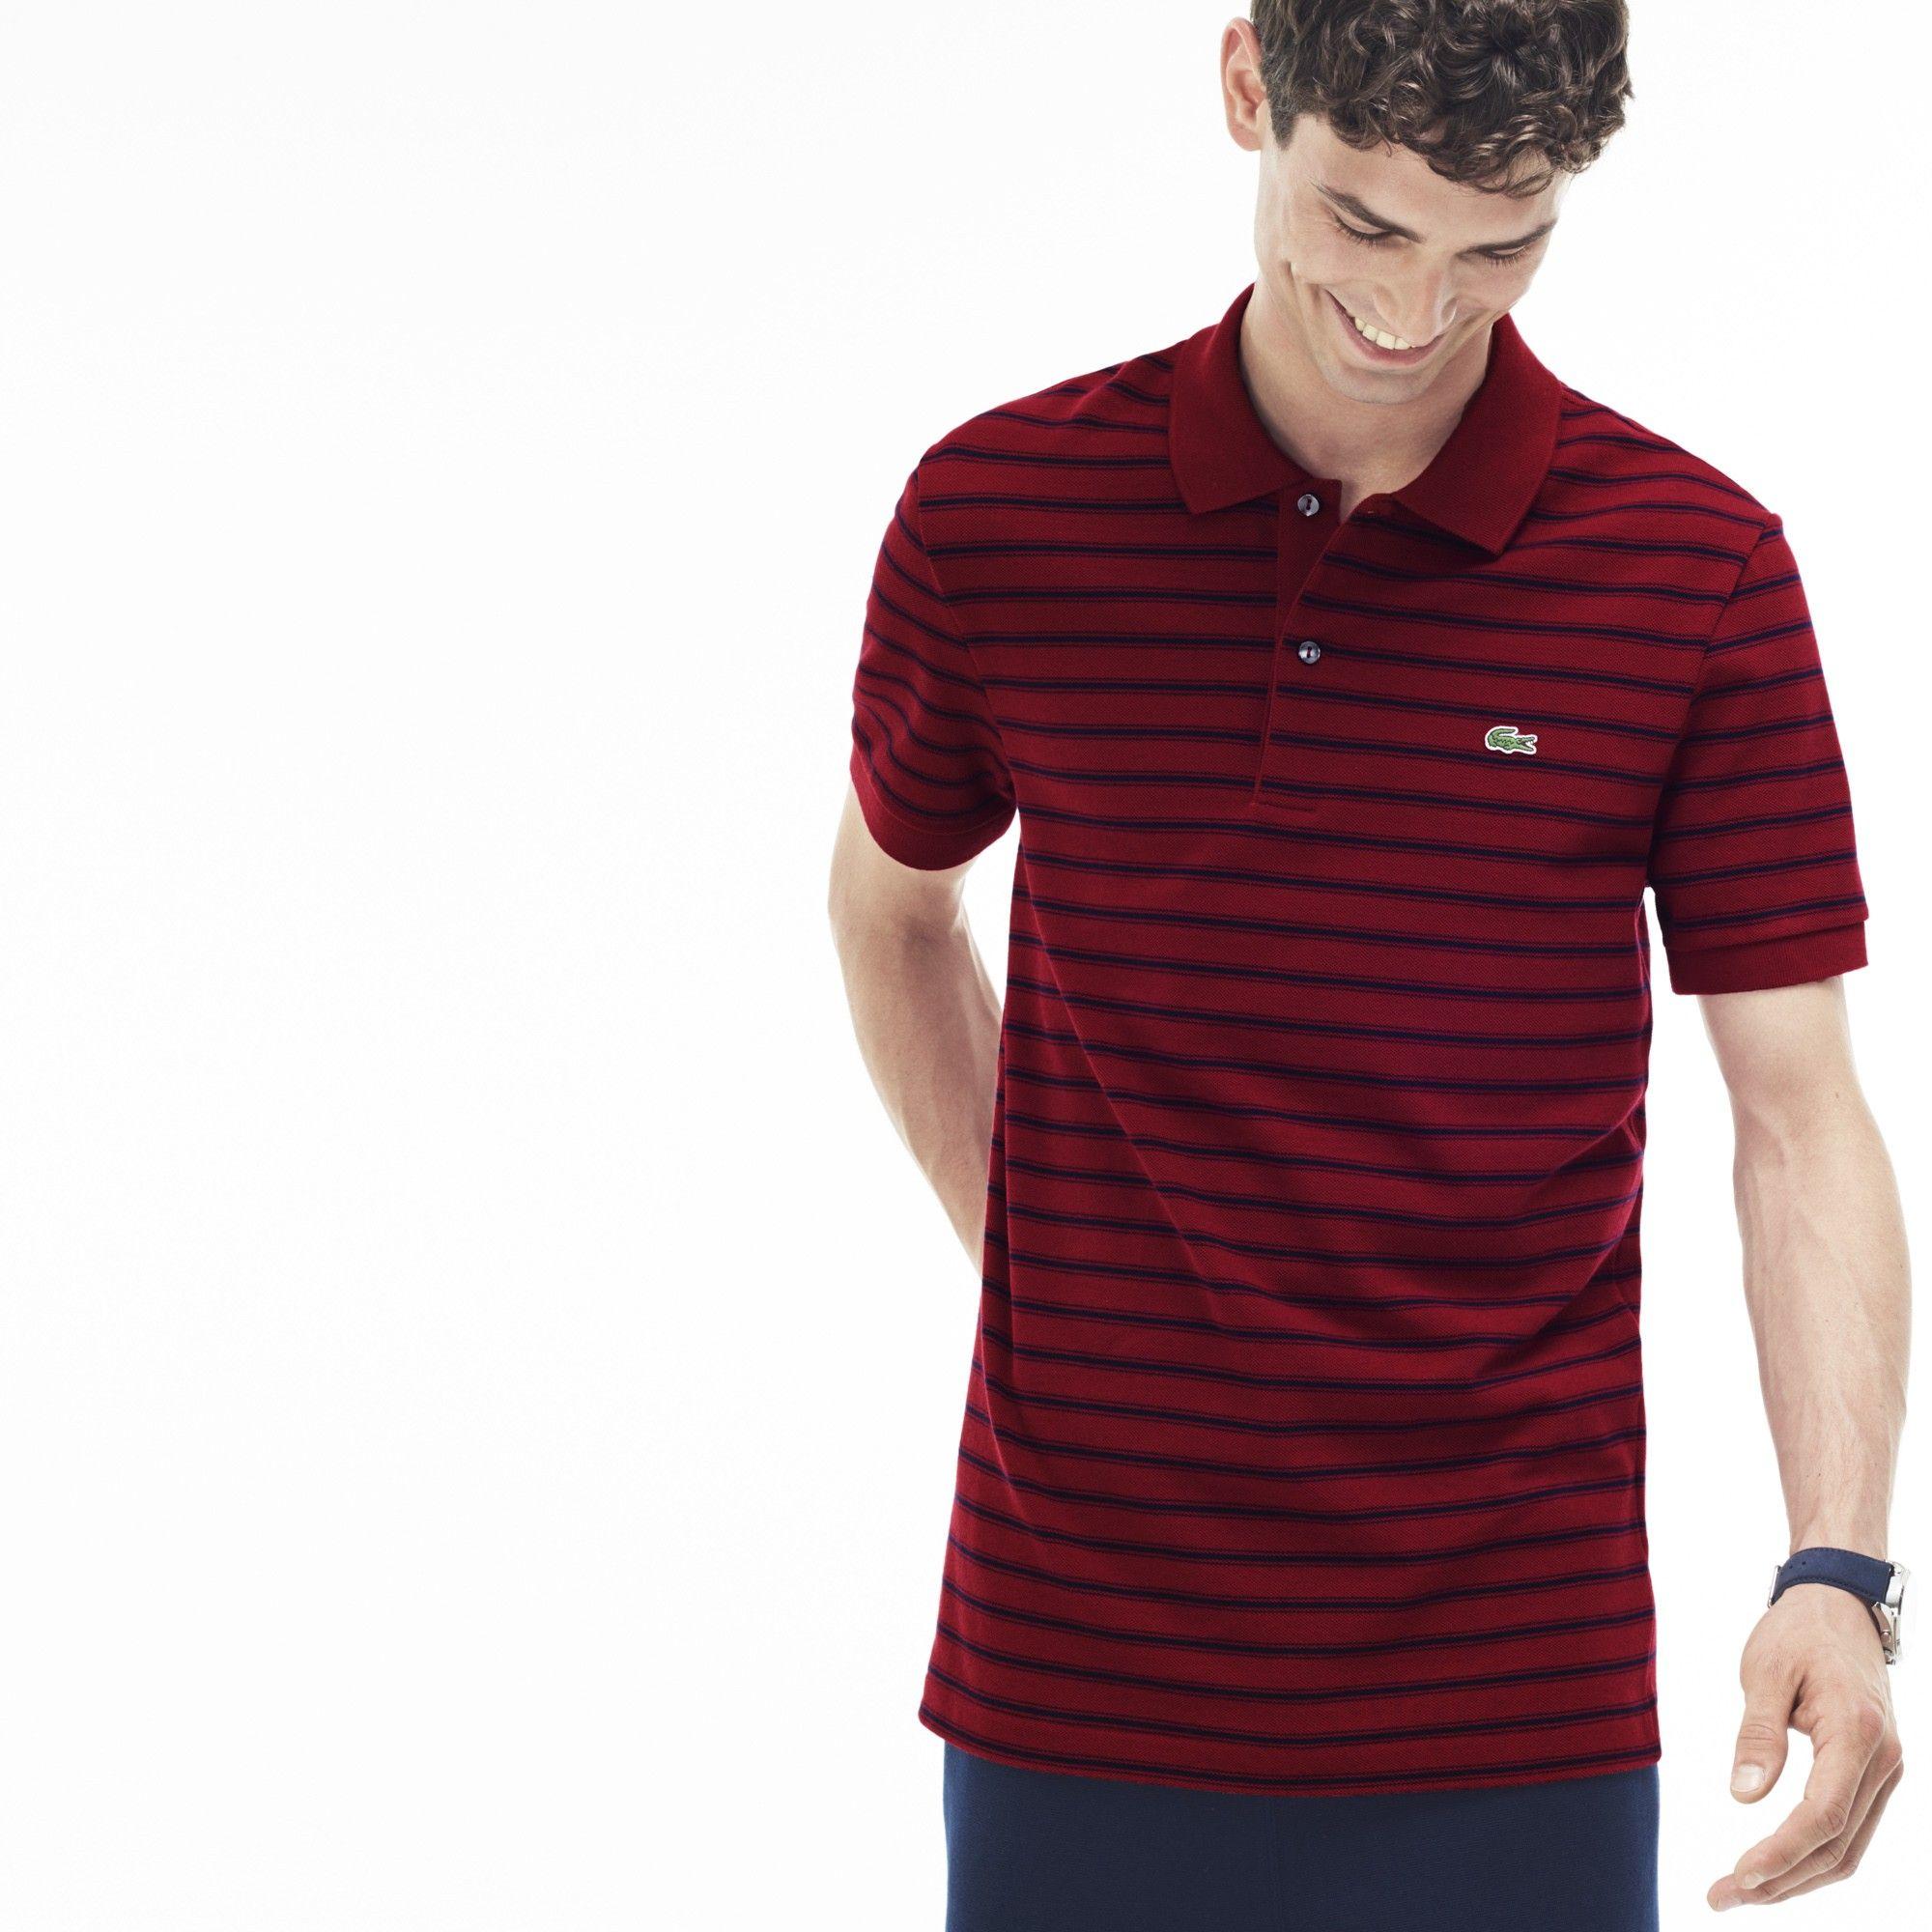 3ef715b09687f LACOSTE Men s Regular Fit Striped Cotton Petit Piqué Polo - turkey red blue  pigment c.  lacoste  cloth